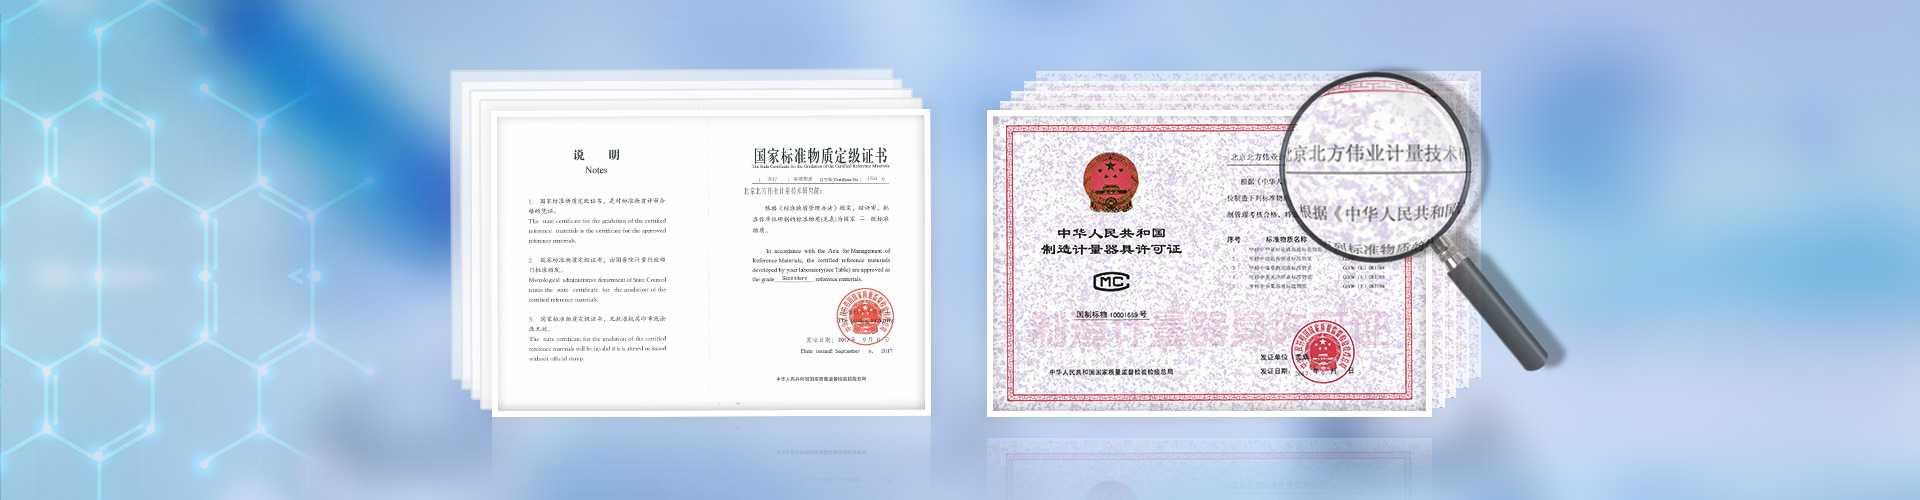 资质证书-www.bzwz.com国家标准物质网-Reference Materials